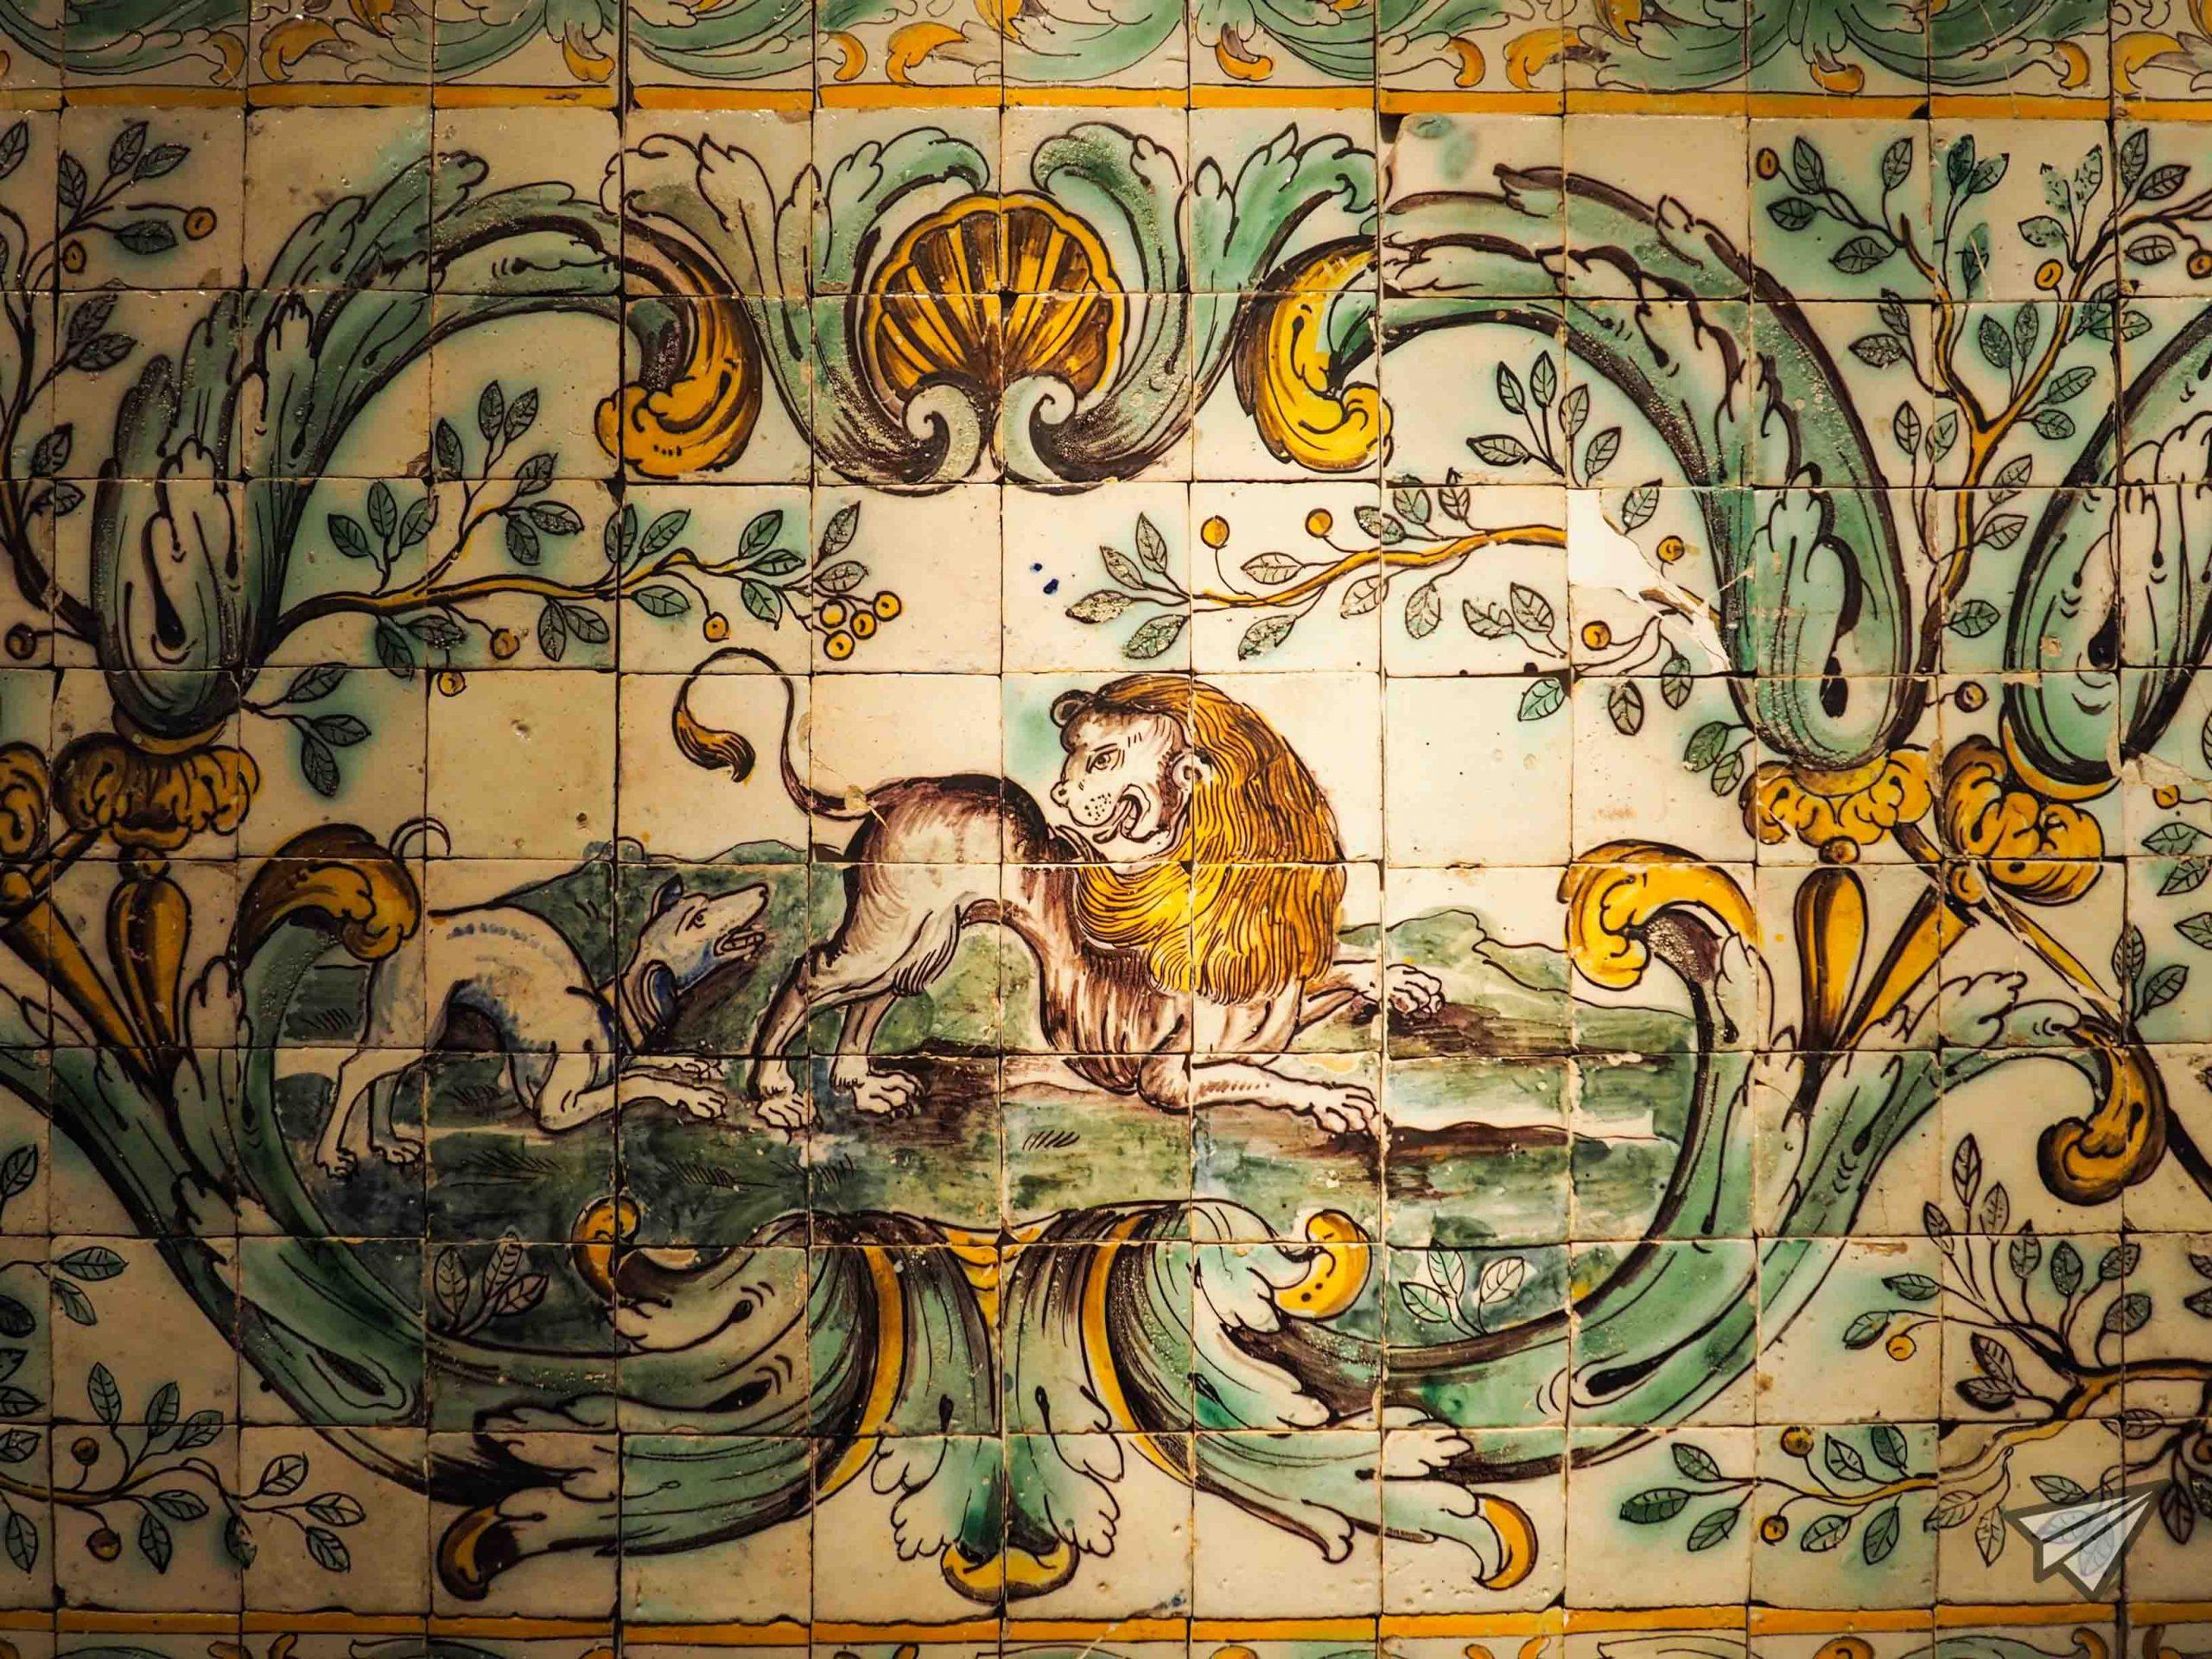 Museu Nacional do Azulejo art